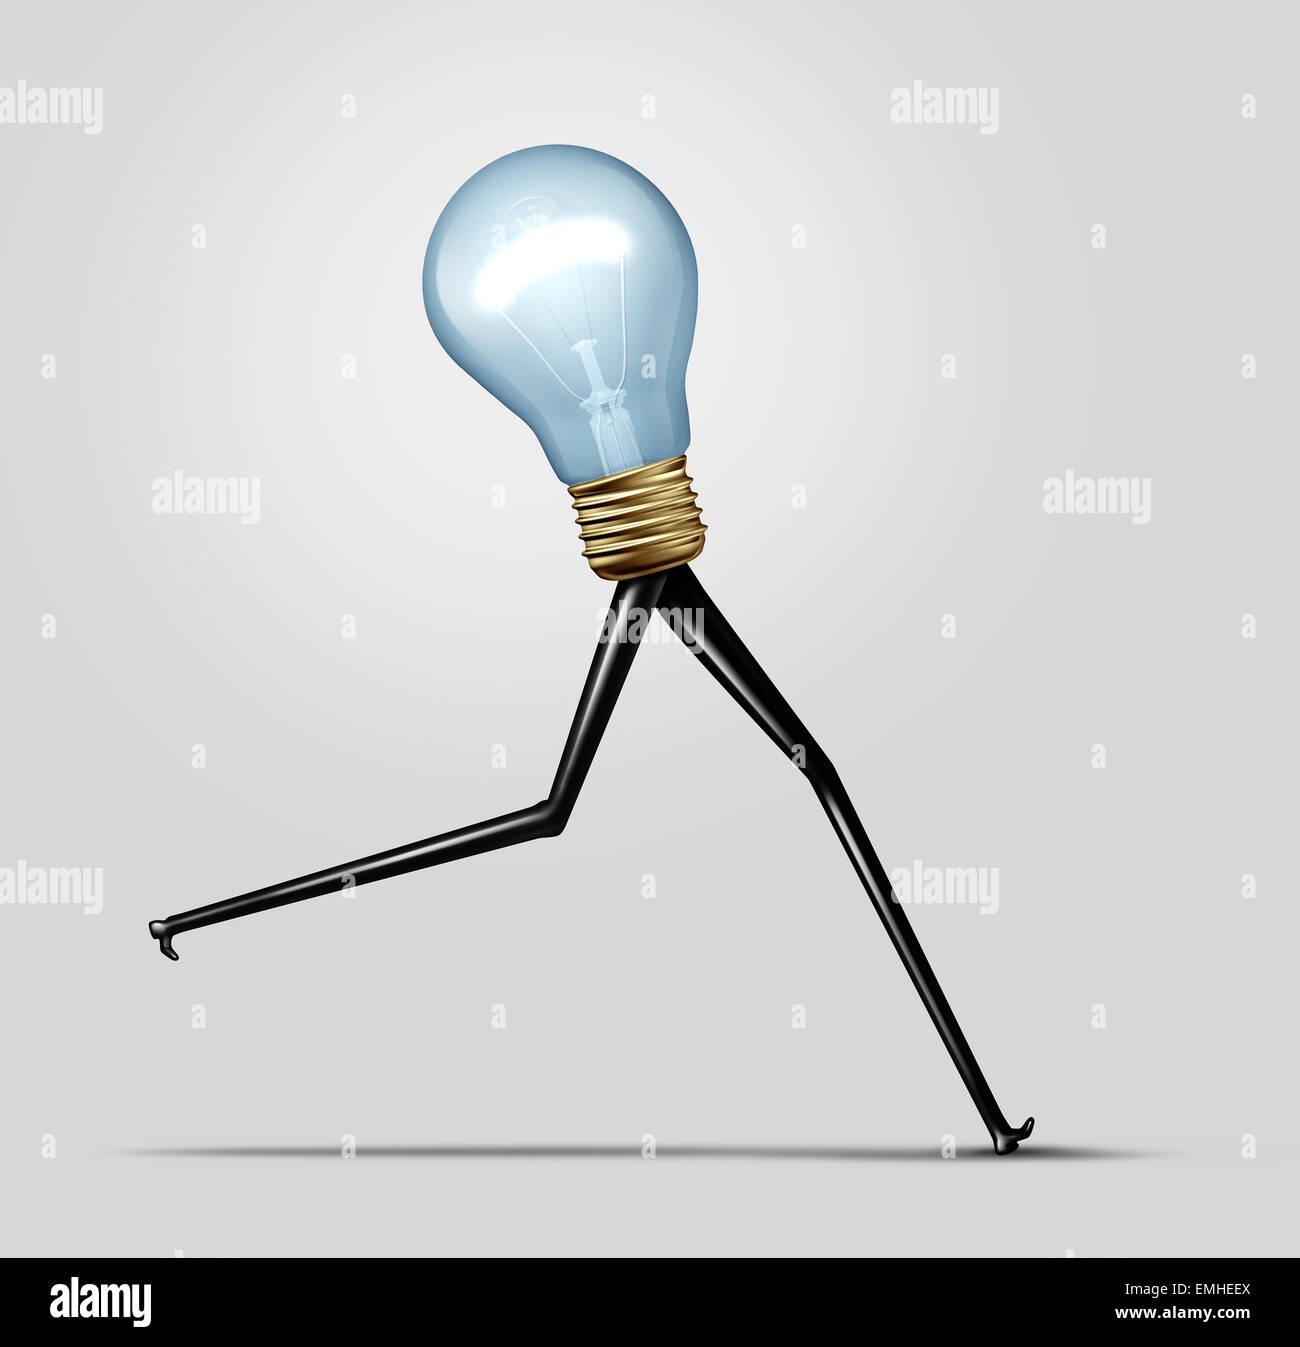 Kreative Energie und schnelles Denken-Business-Konzept als eine strahlende helle Glühbirne mit langen Beinen Stockbild